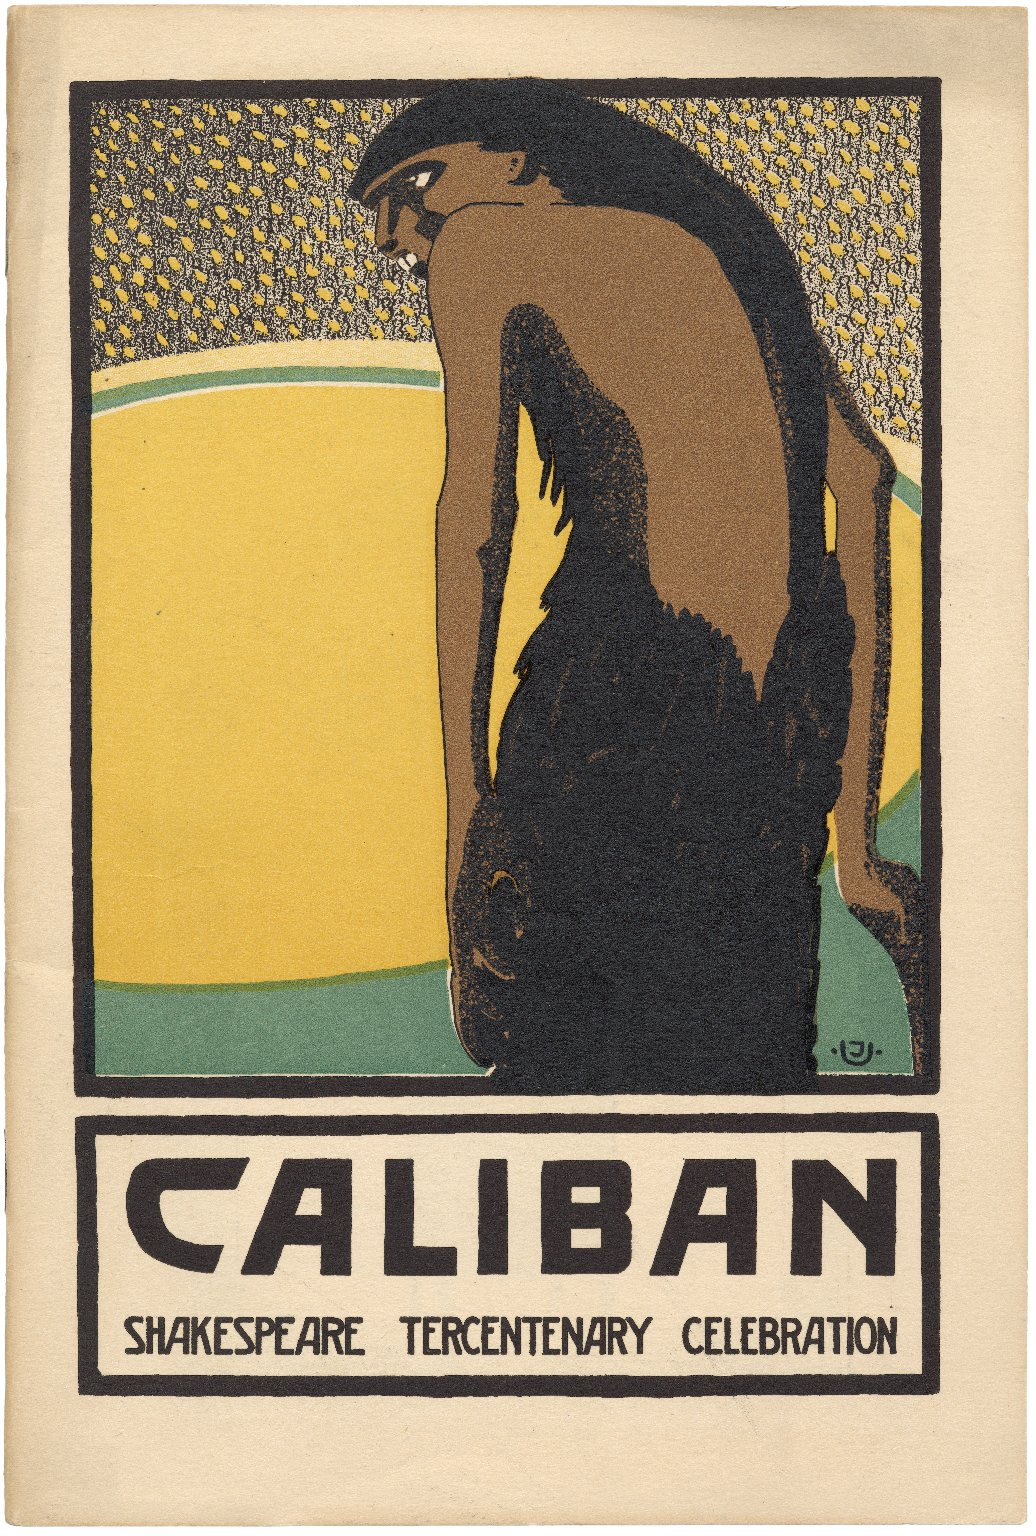 Caliban Shakespeare Tercentenary Collection